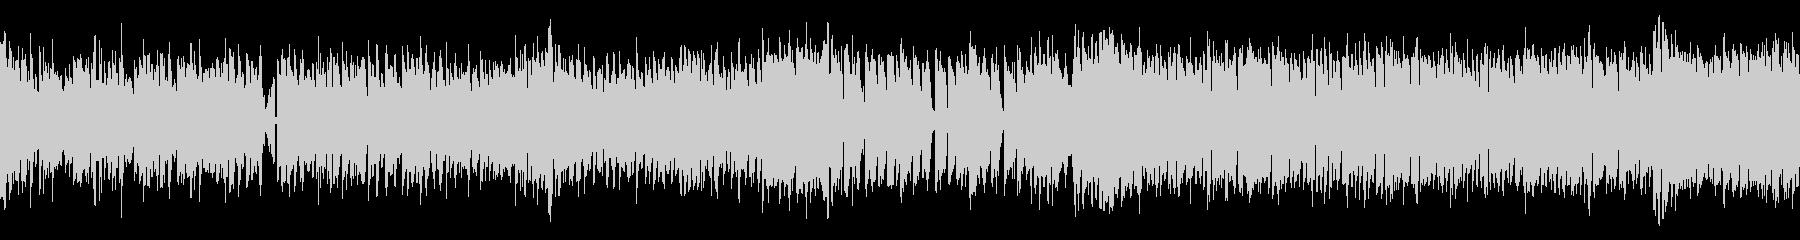 ノリノリ 明るいトランスっぽい曲 ループの未再生の波形